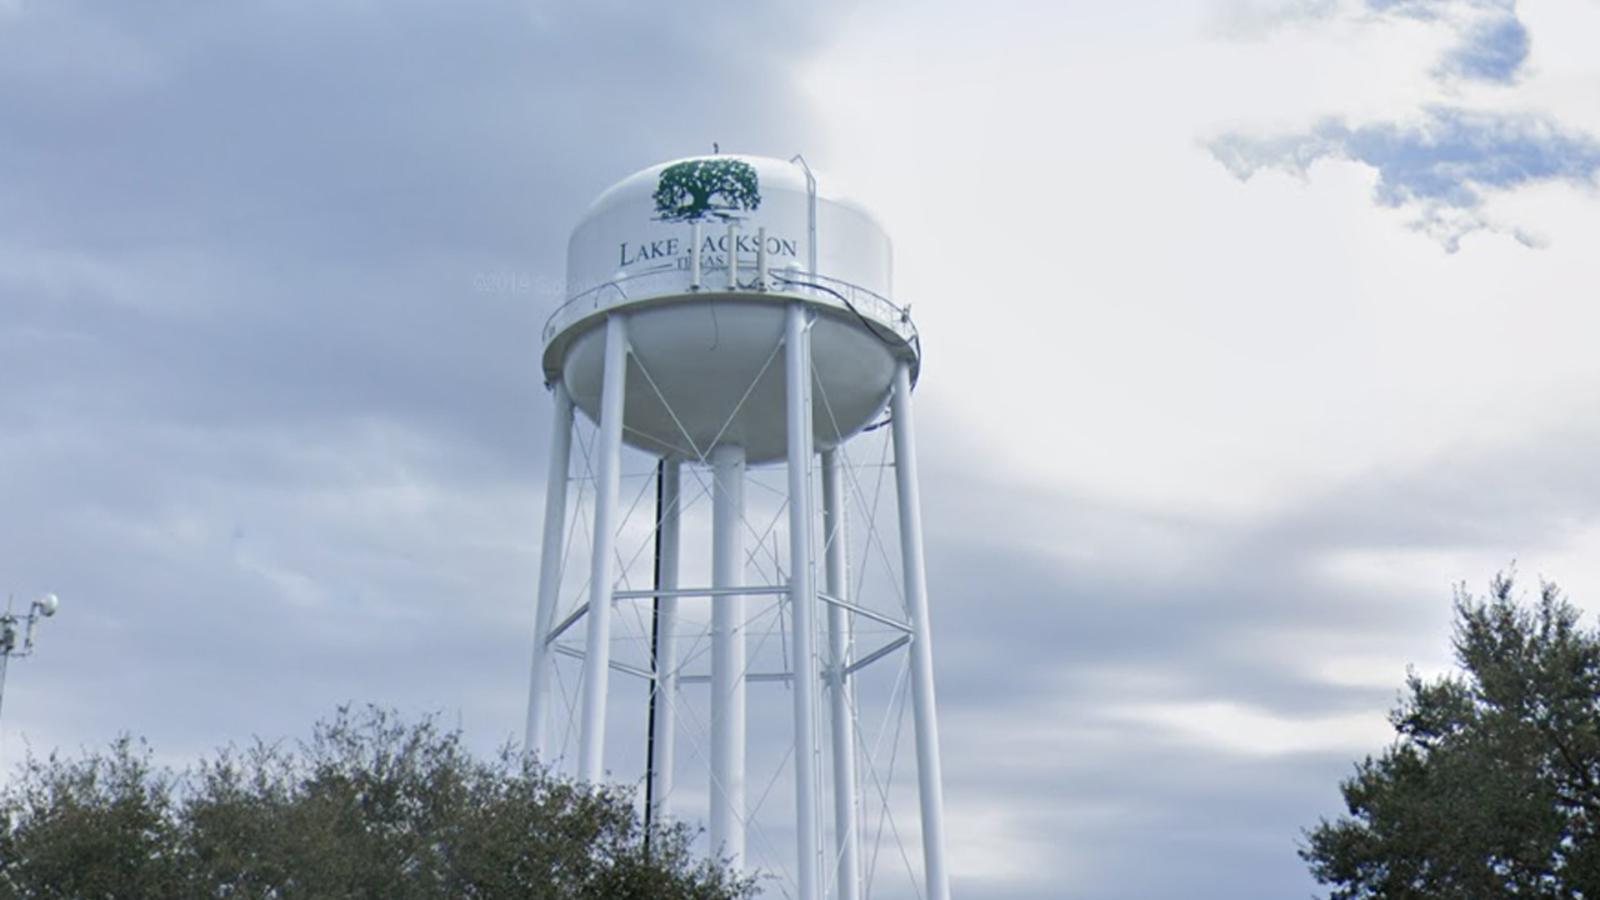 Brain-eating amoeba found in Lake Jackson water supply - KTRK-TV